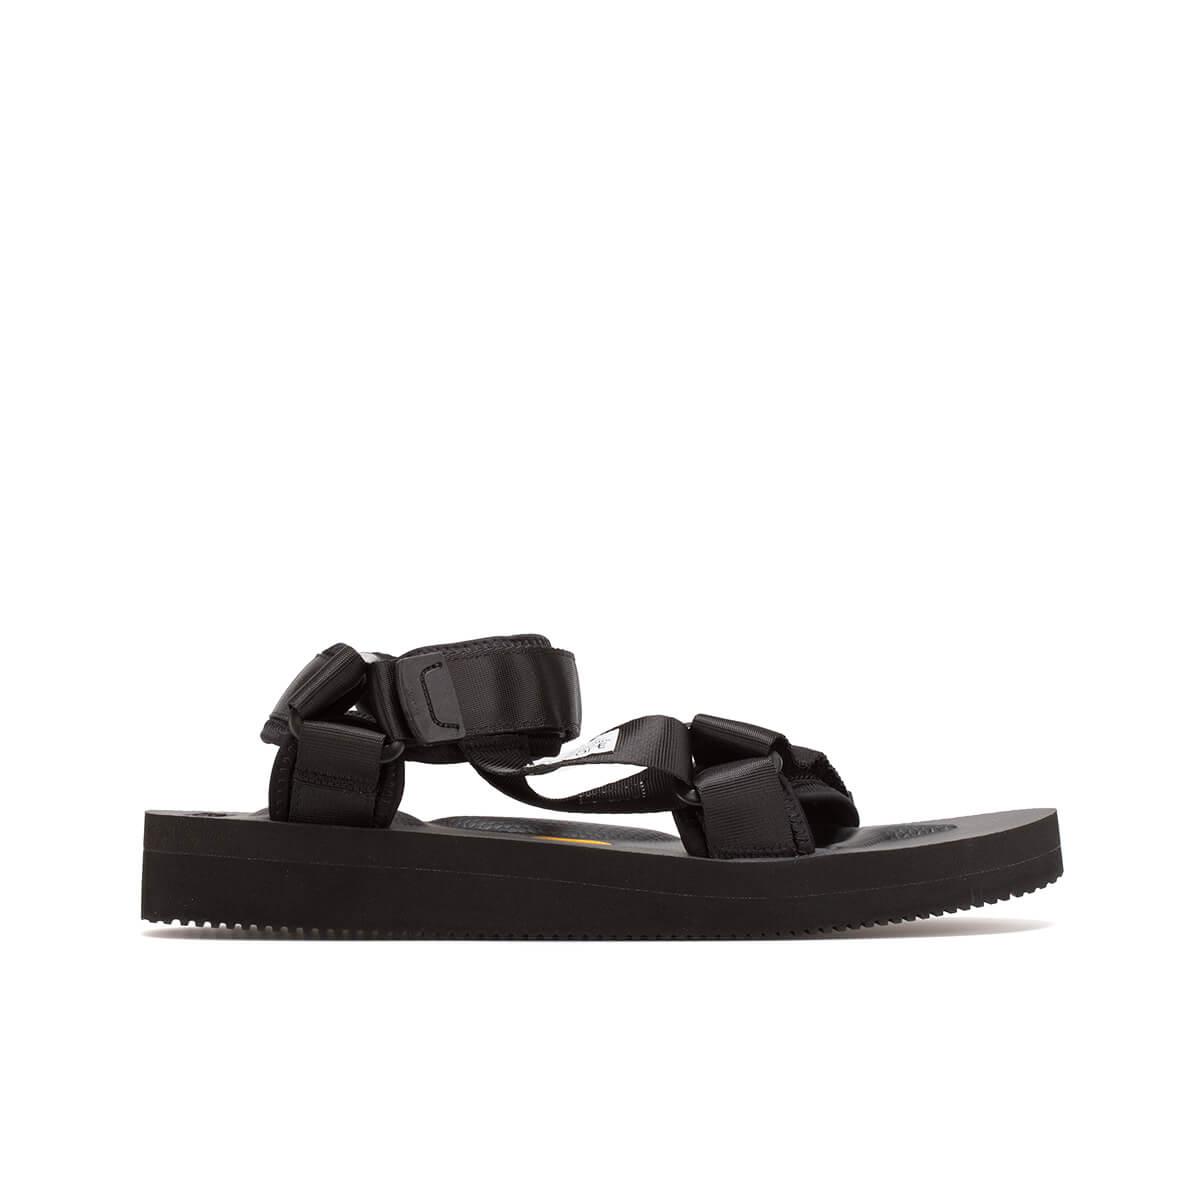 SUICOKE Depa-V2 sandals - OG-022V2._001